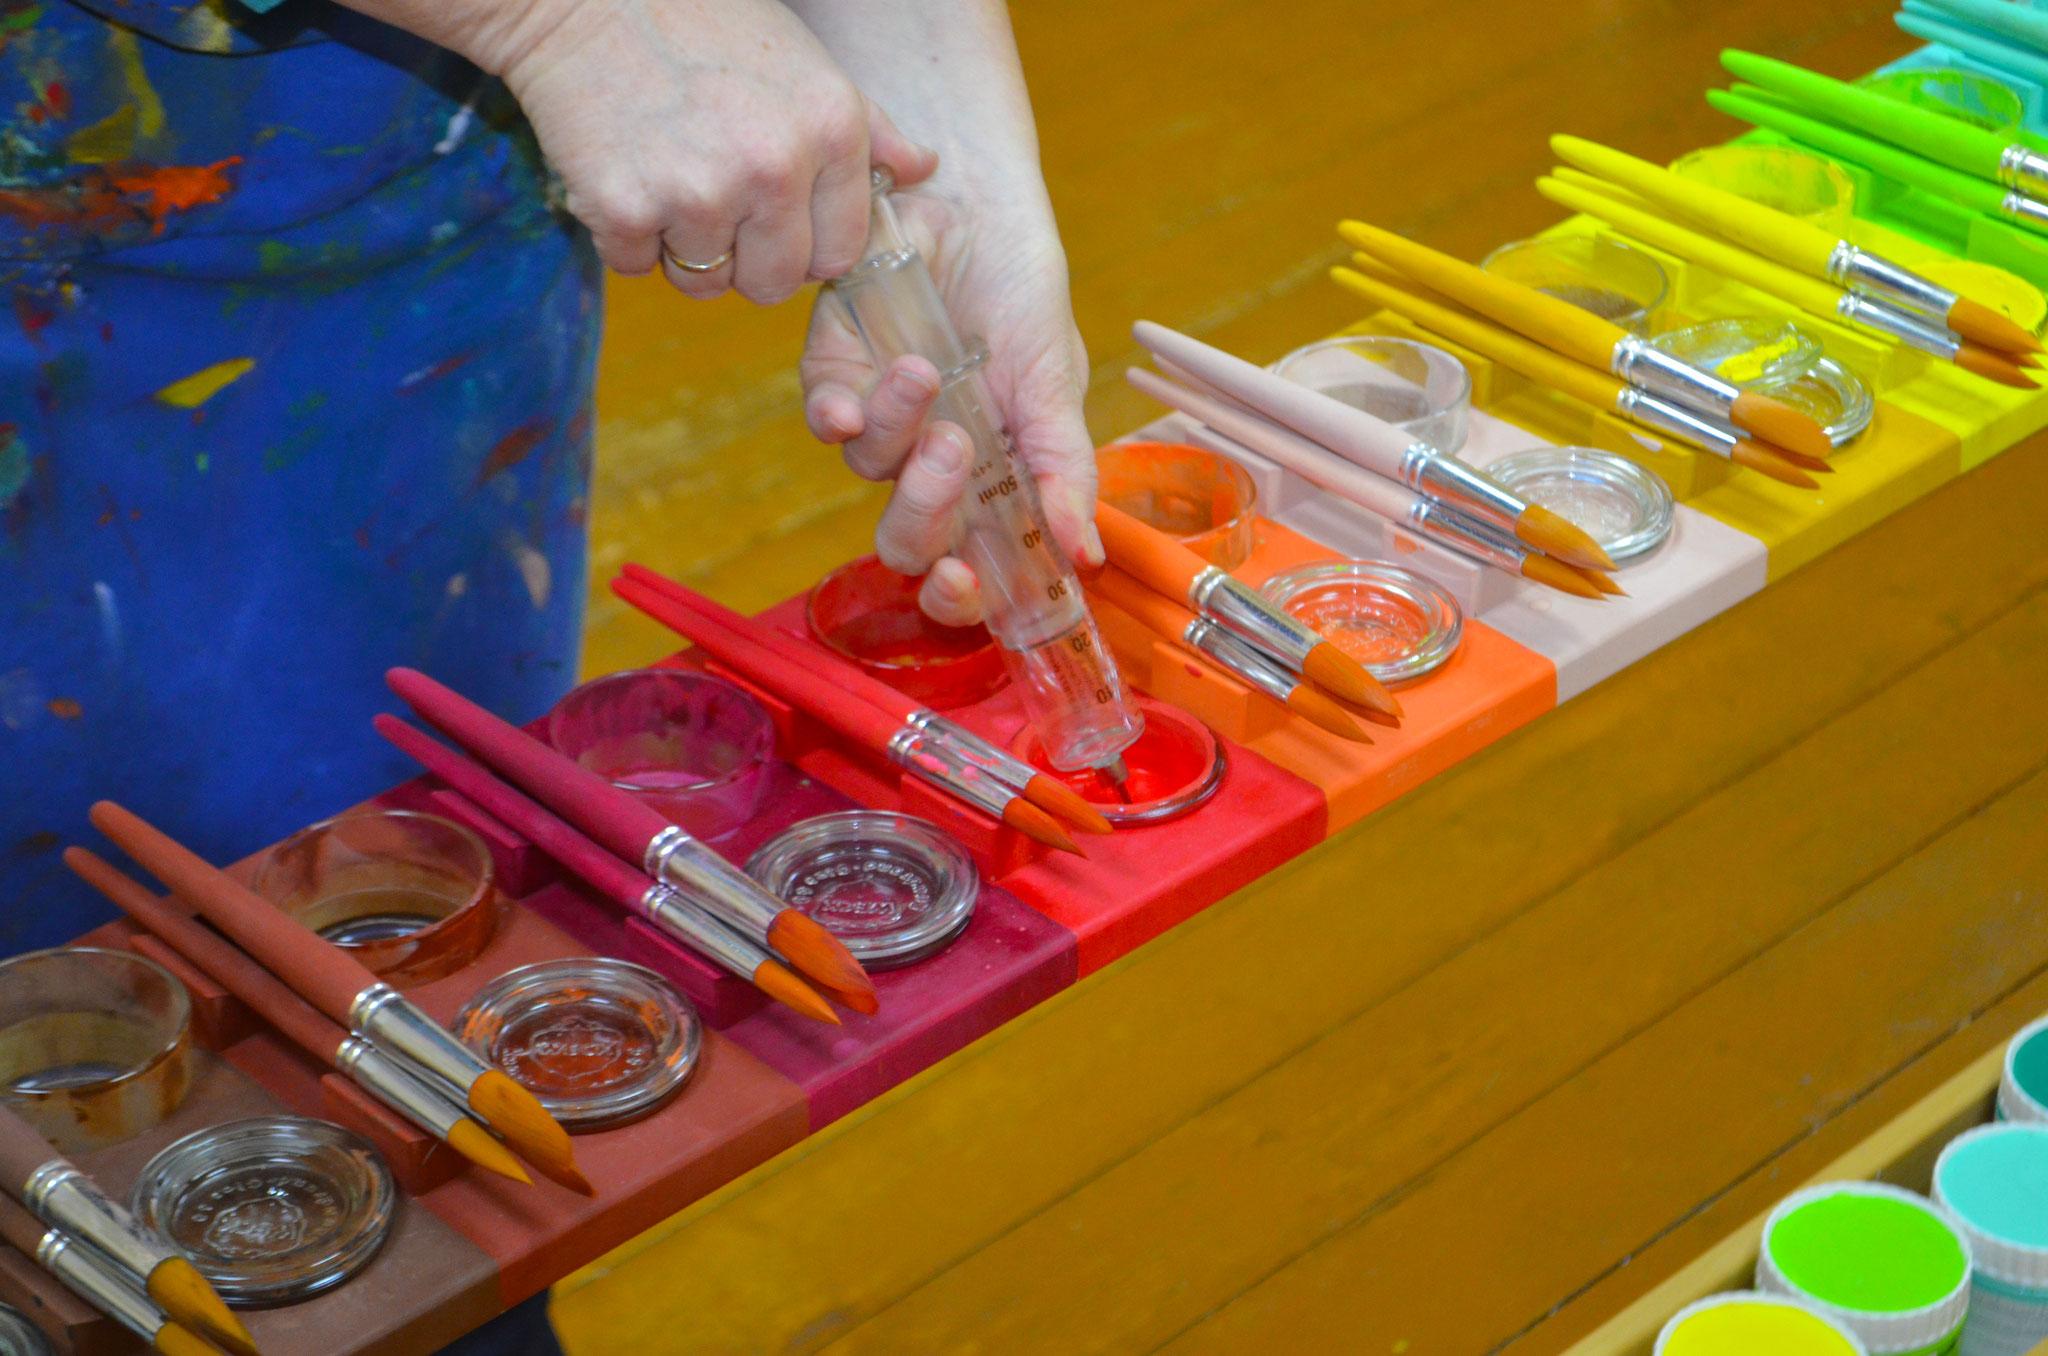 Wasser, welches die Farben zwischen den Malspielen befeuchtet, absaugen.